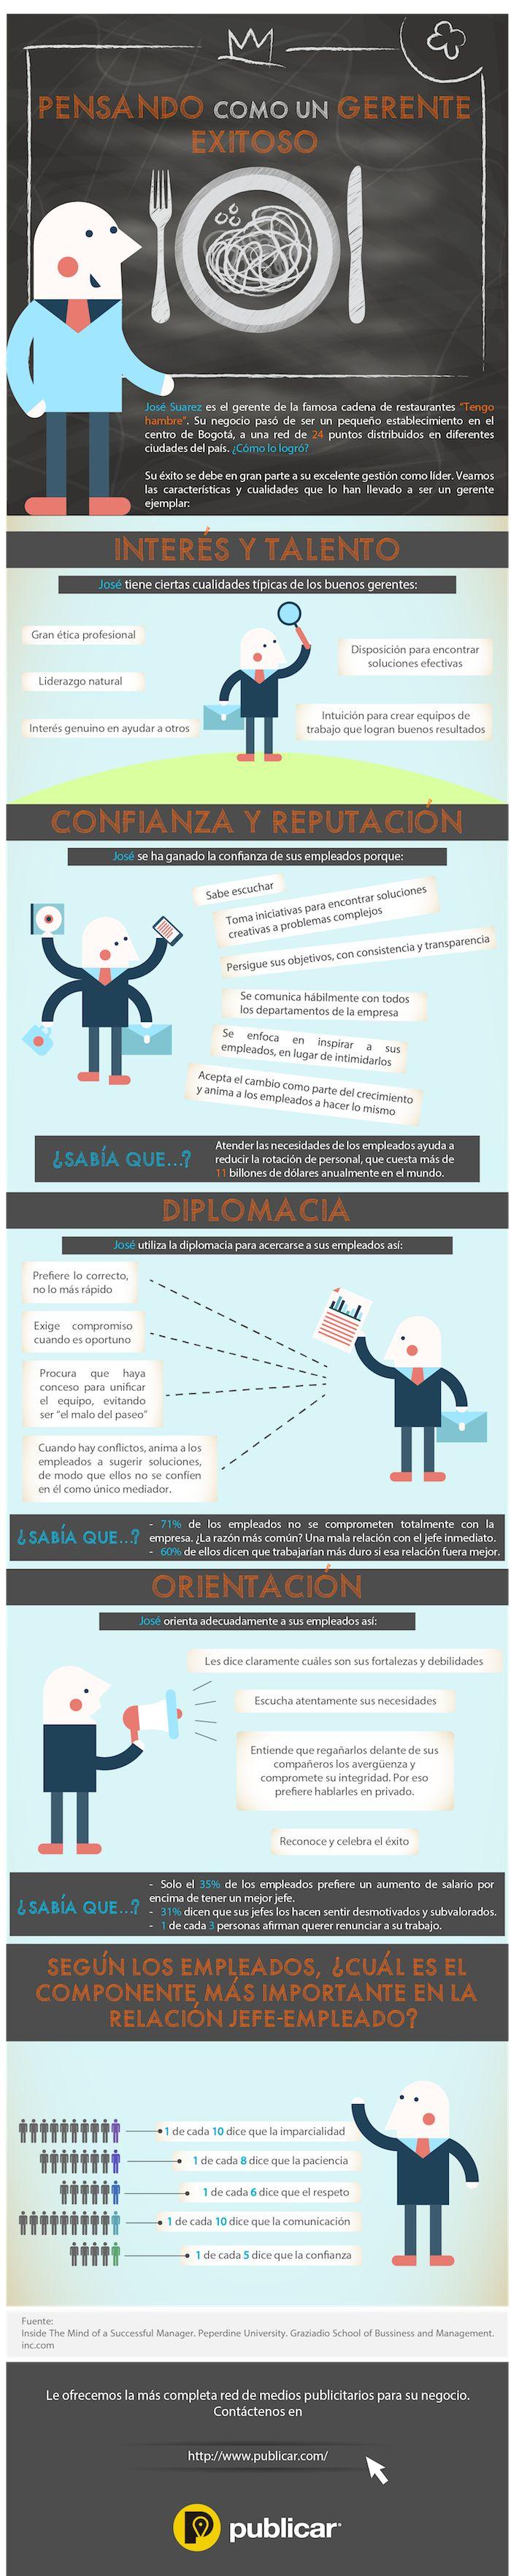 Pensando como un gerente de éxito #infografia #infographic #rrhh vía: www.publicar.com